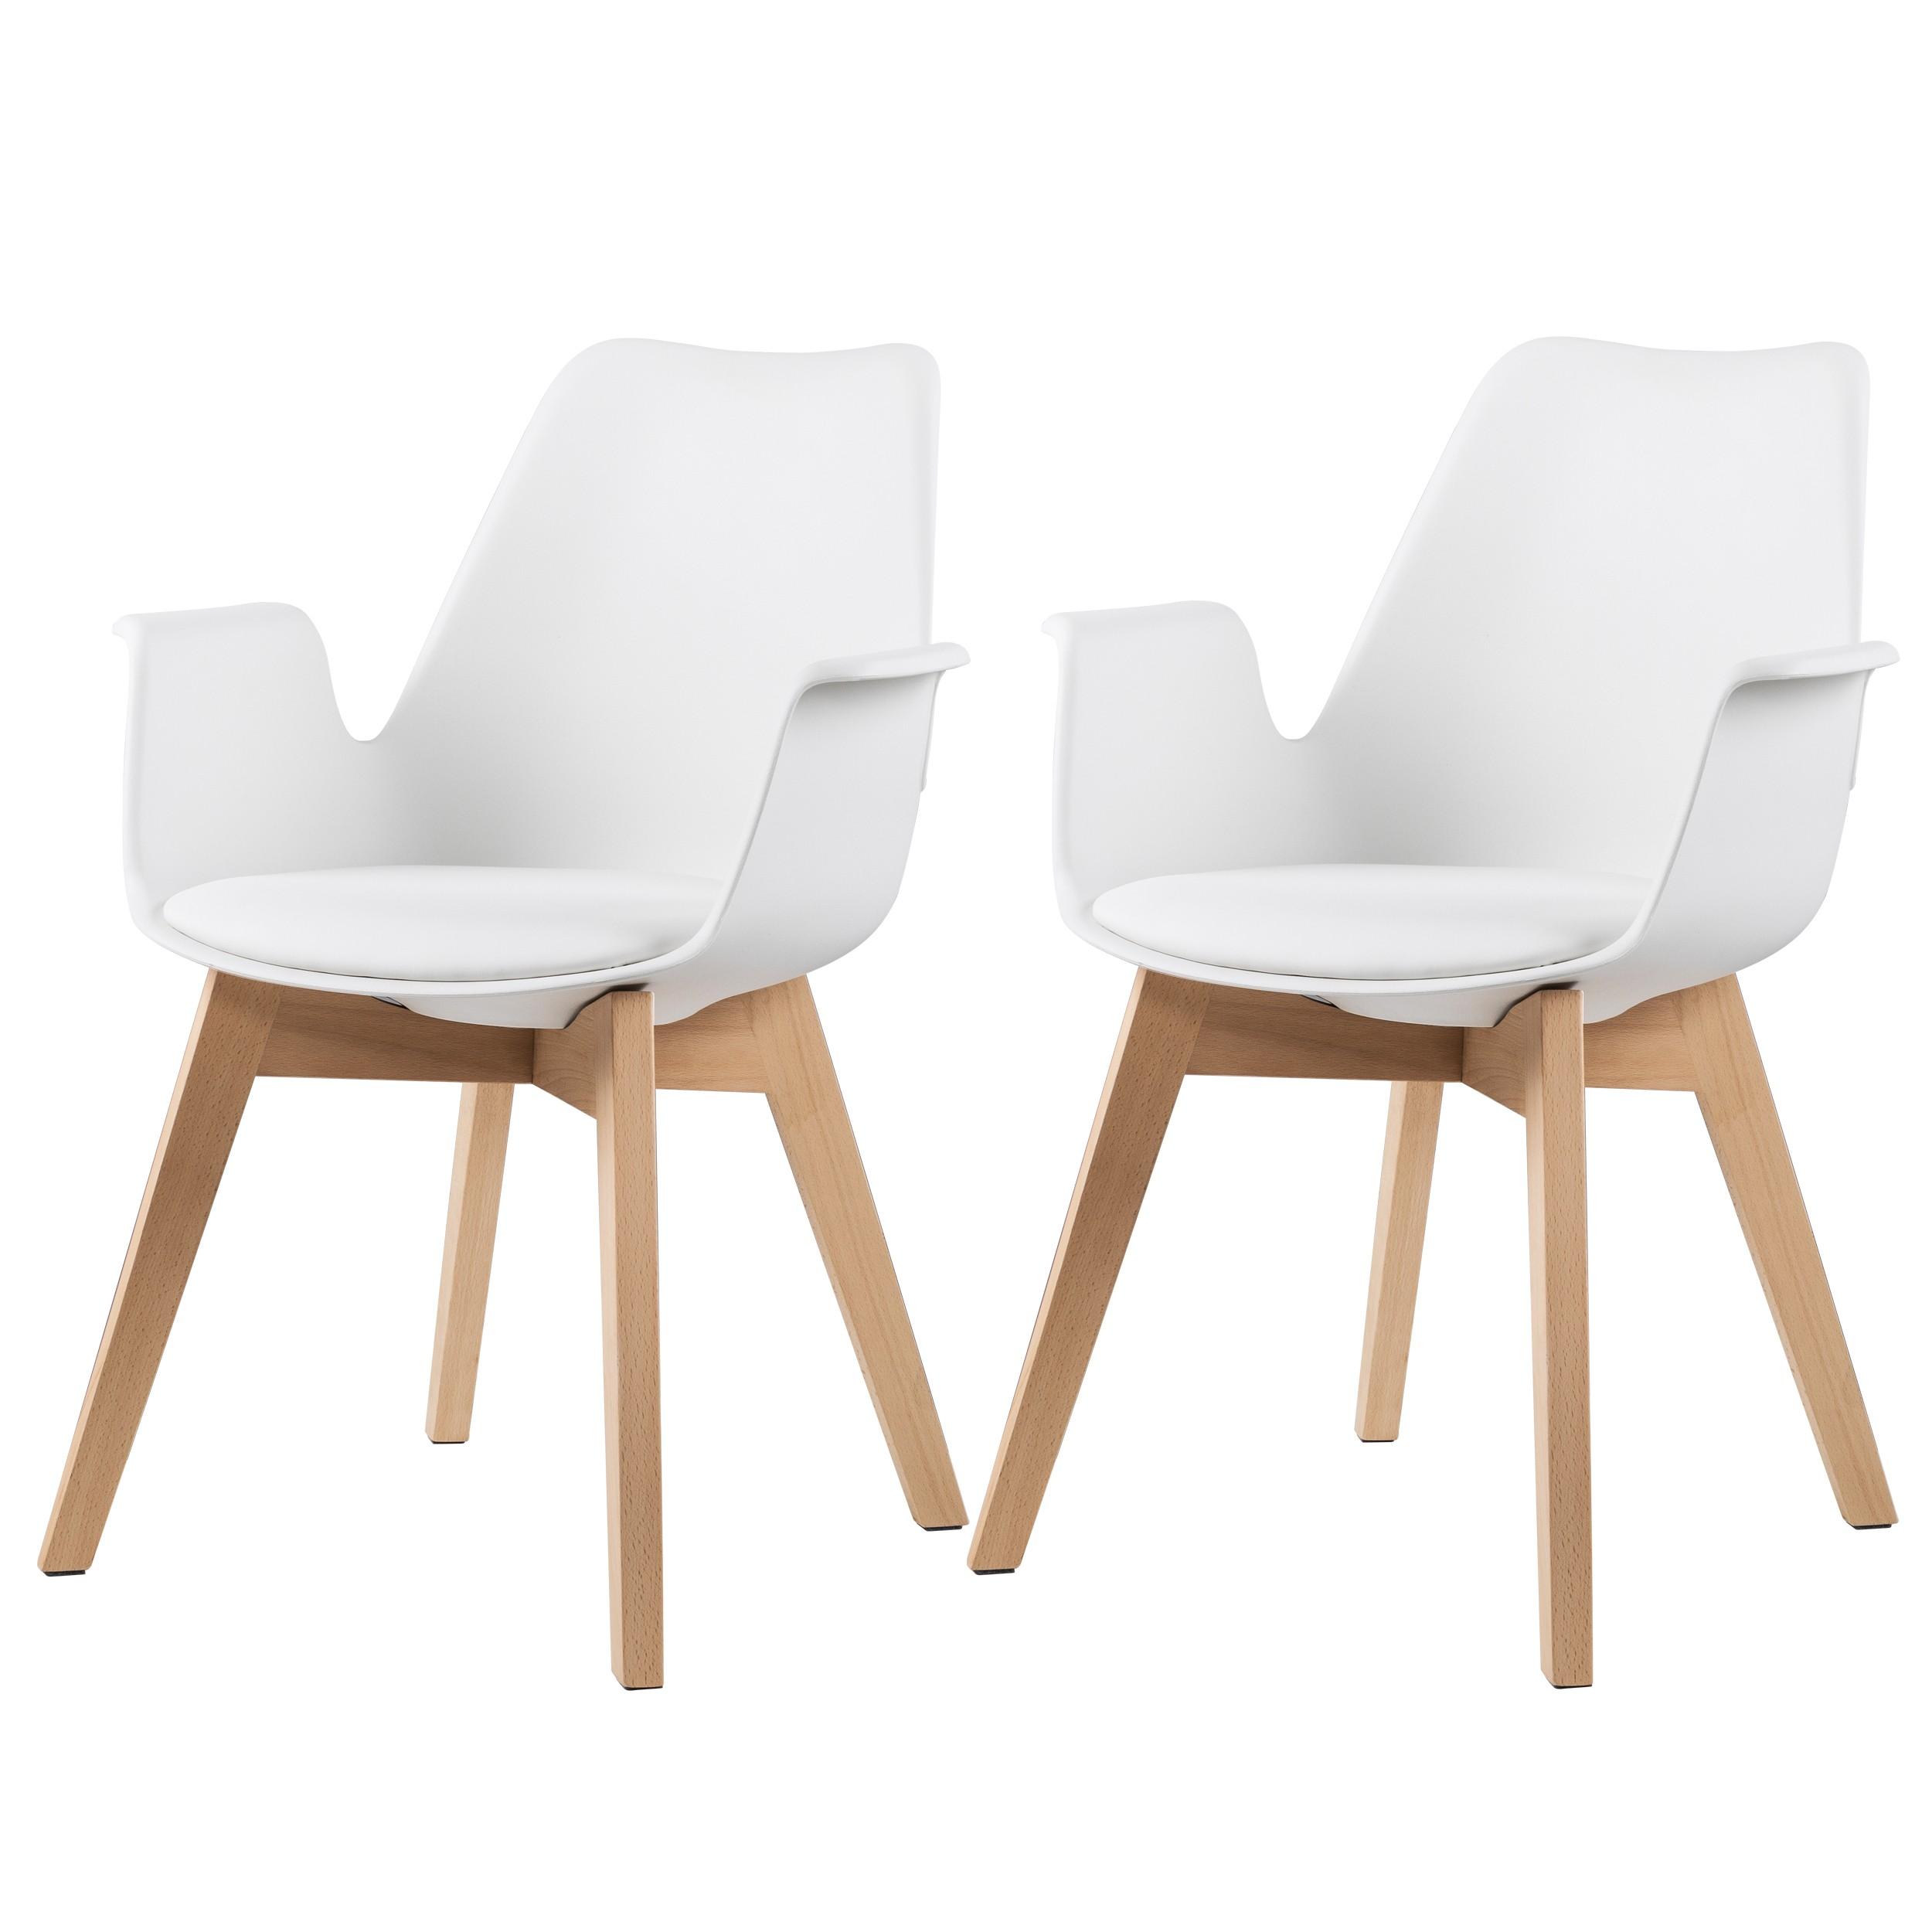 chaise nordique blanche avec accoudoir lot de 2 adoptez nos chaises nordique blanches avec